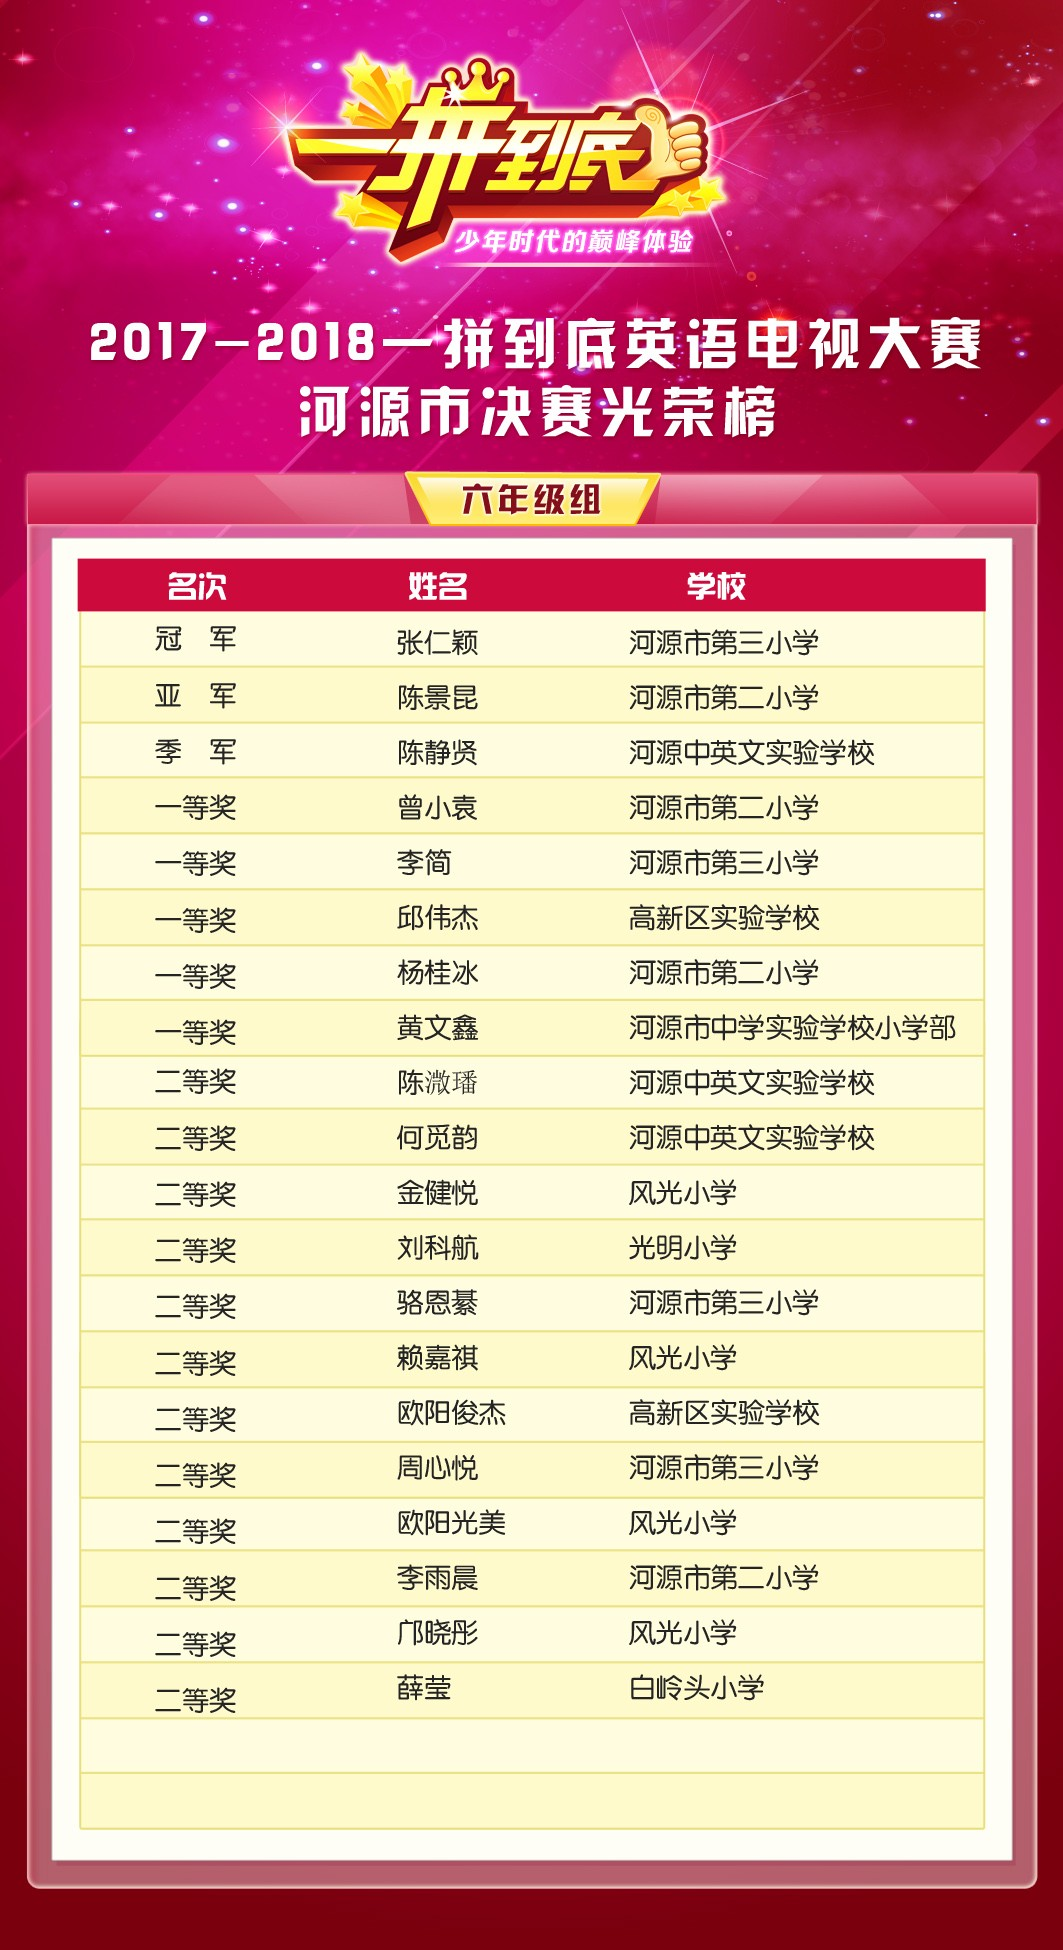 光荣榜河源六年级.jpg